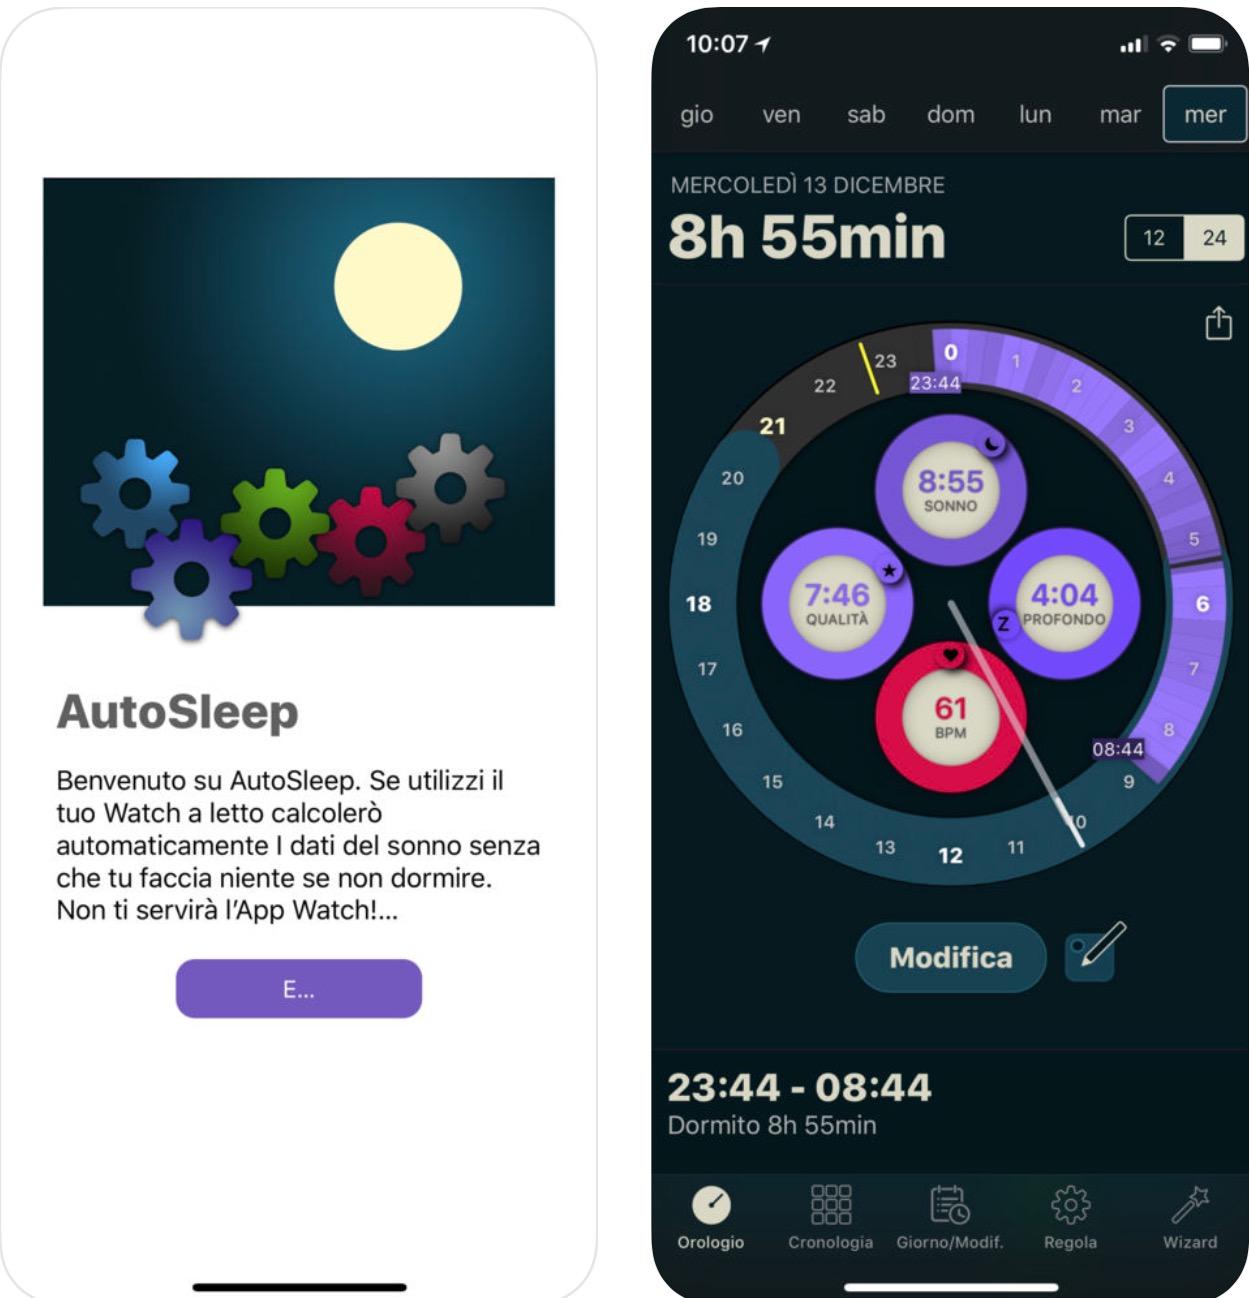 Migliori app per monitorare il sonno